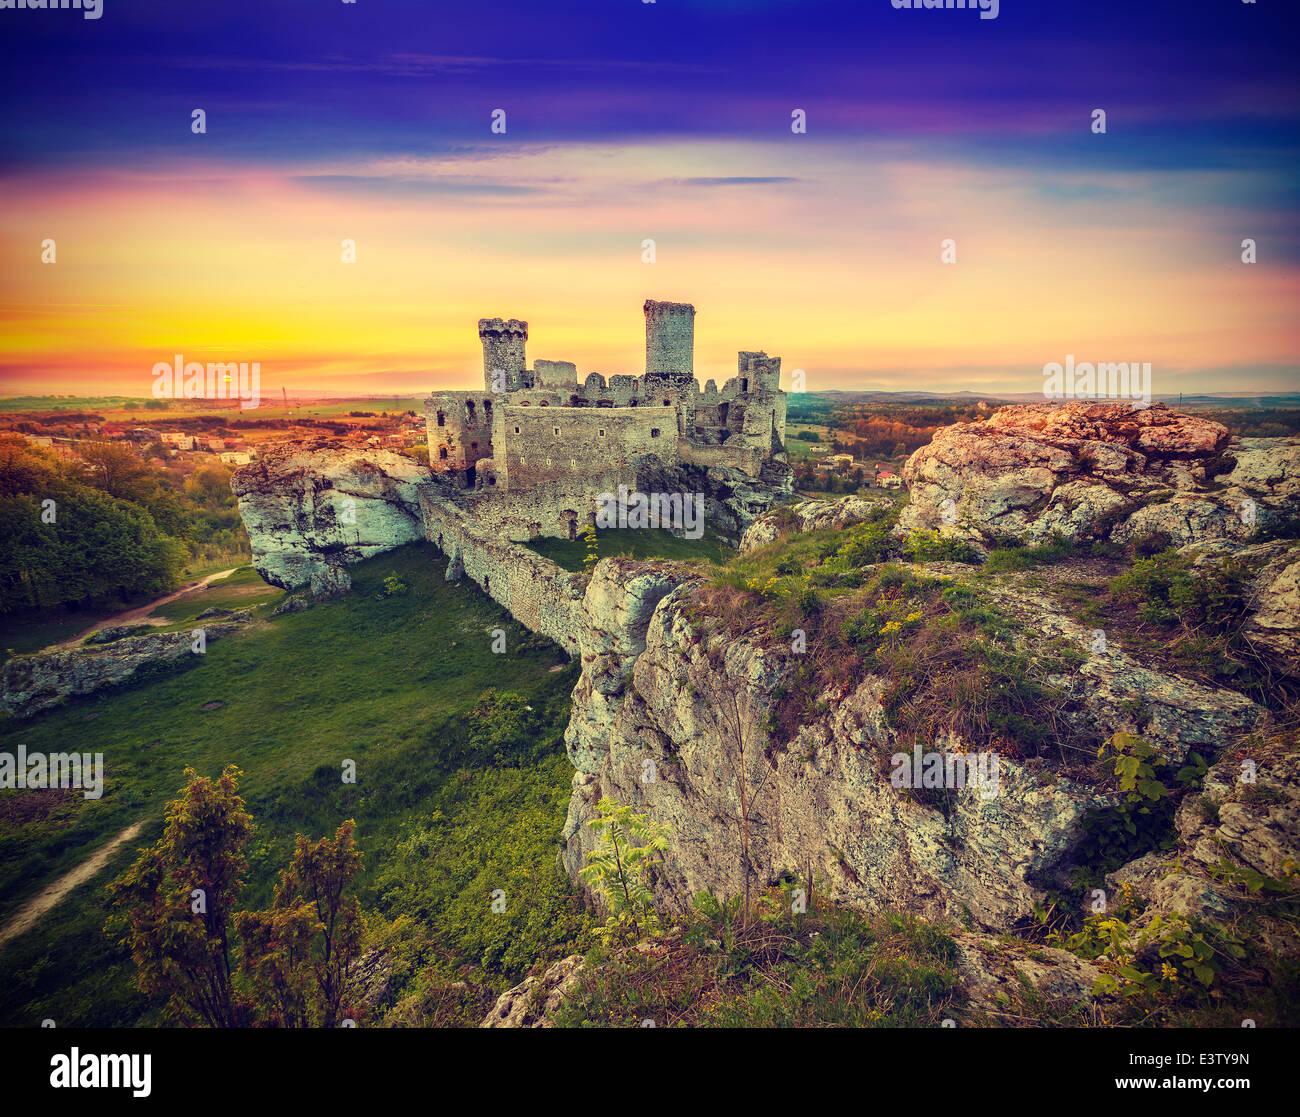 Magnifique coucher de soleil sur les ruines, Pologne, vintage style rétro. Banque D'Images